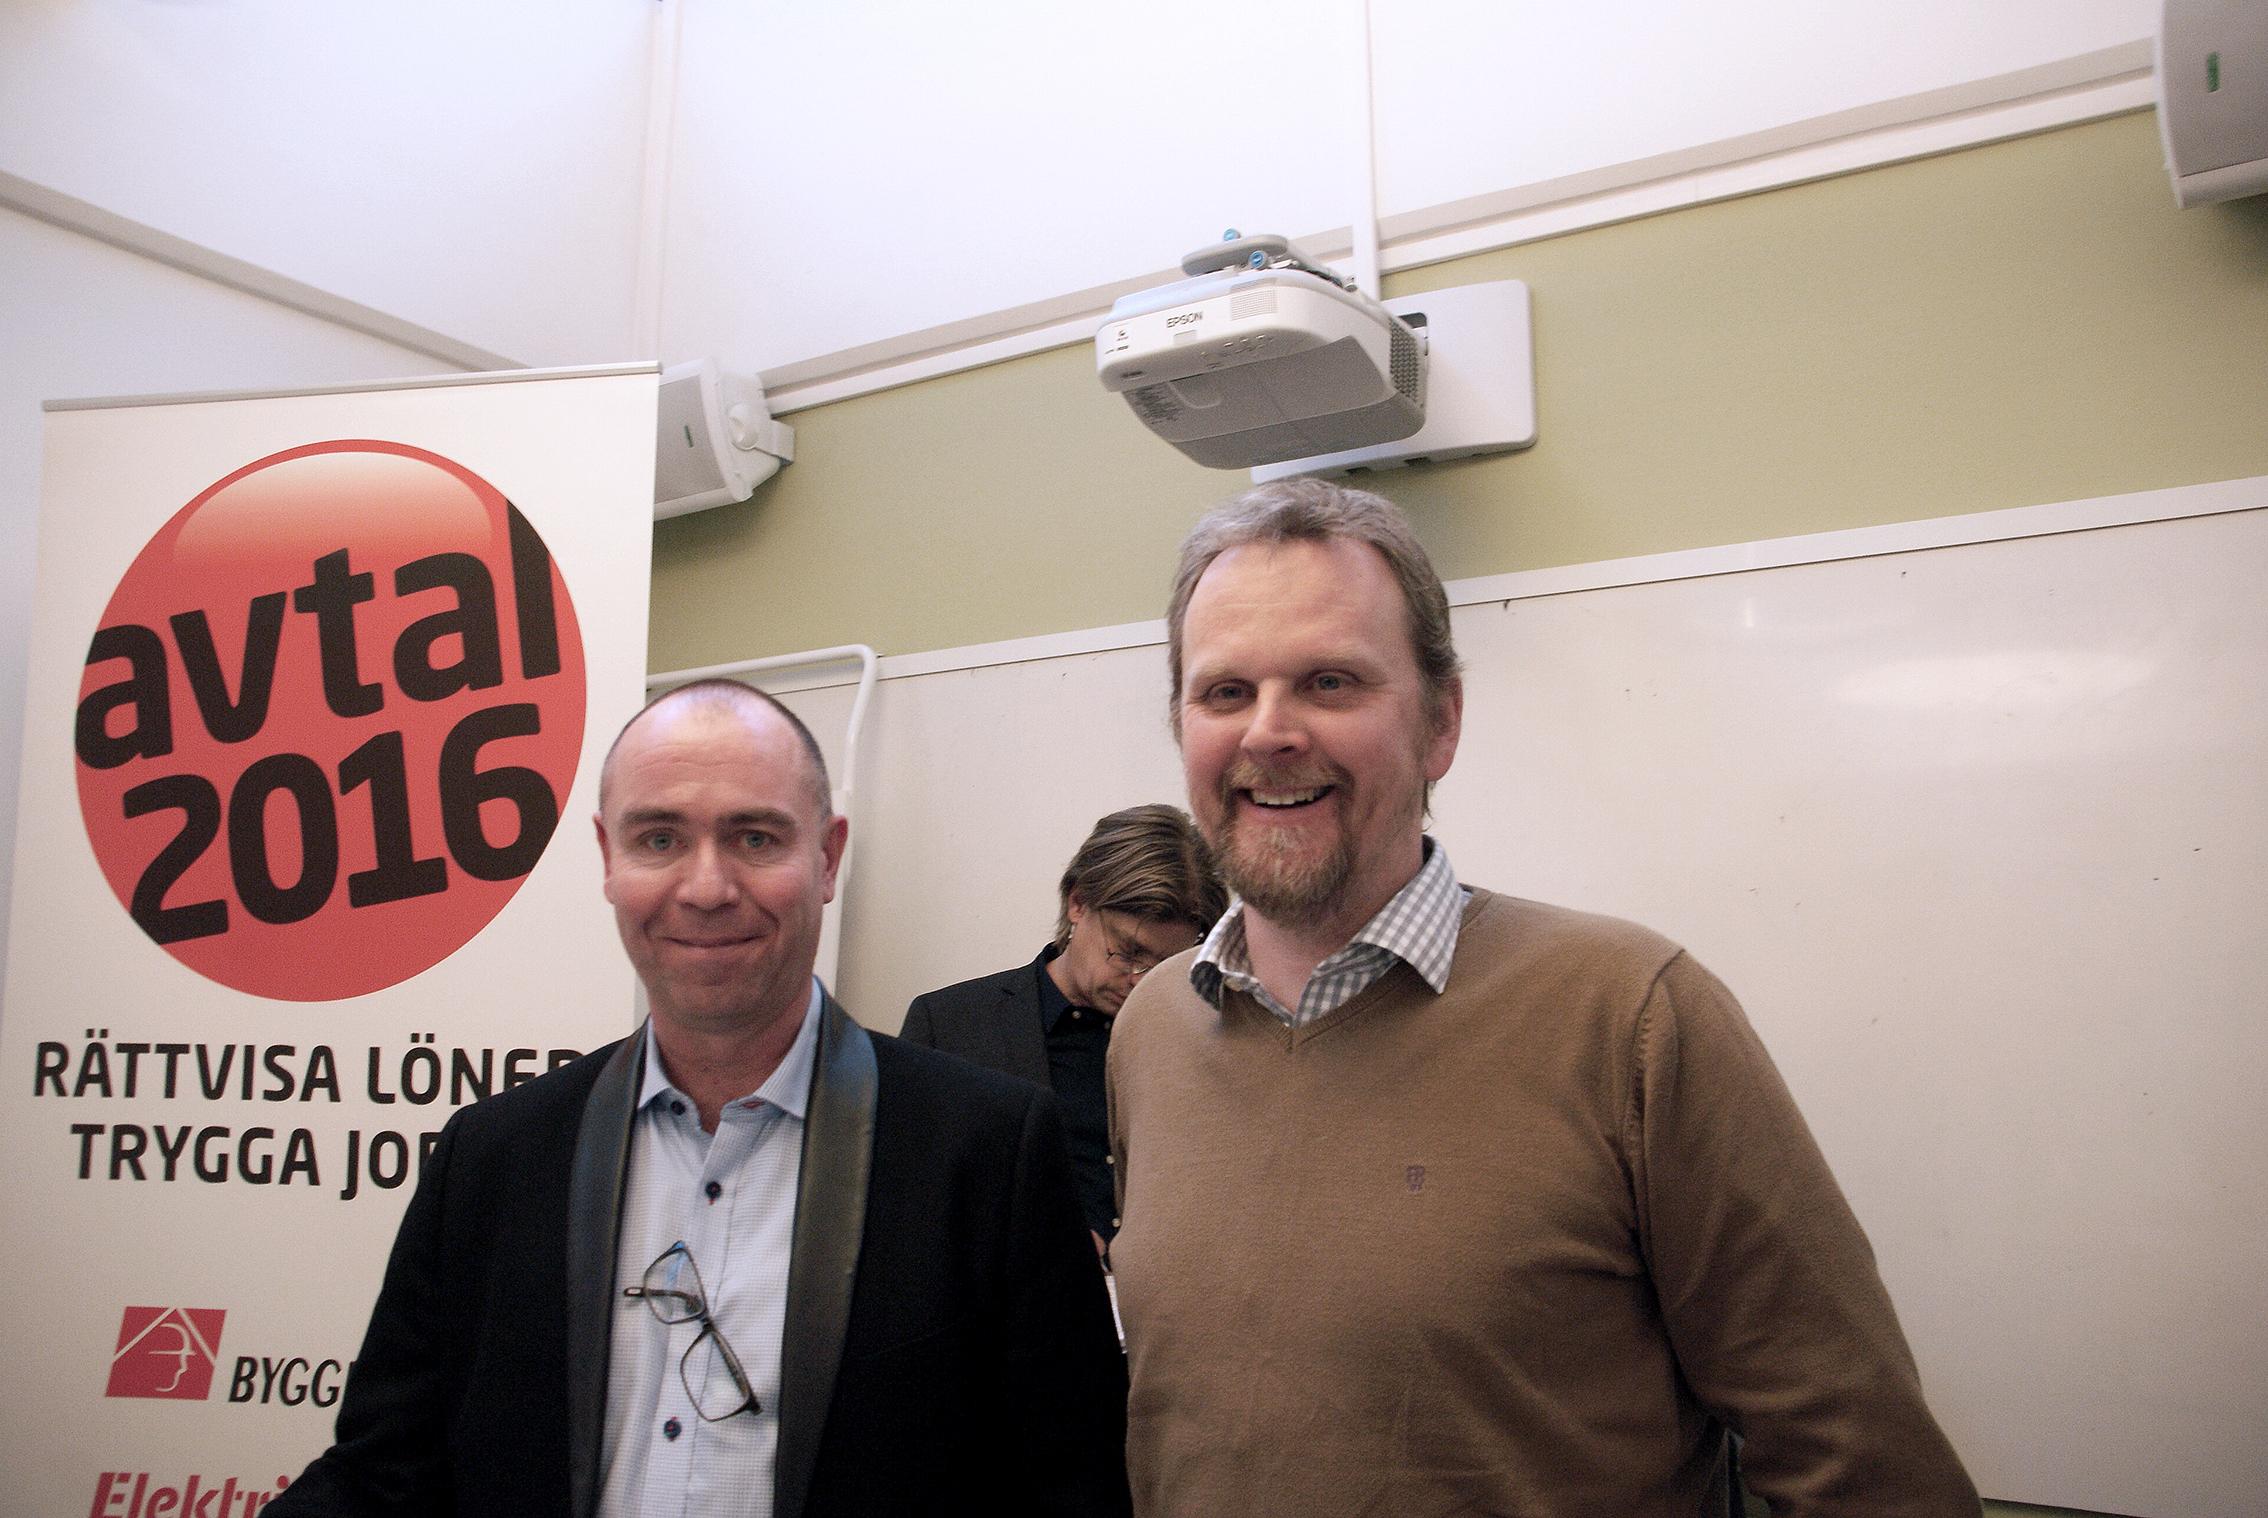 Jonas Wallin, förbundsorförande Elektrikerförbundet och Urban Pettersson, förhandlingschef Elektrikerförbundet. Foto: Per Eklund